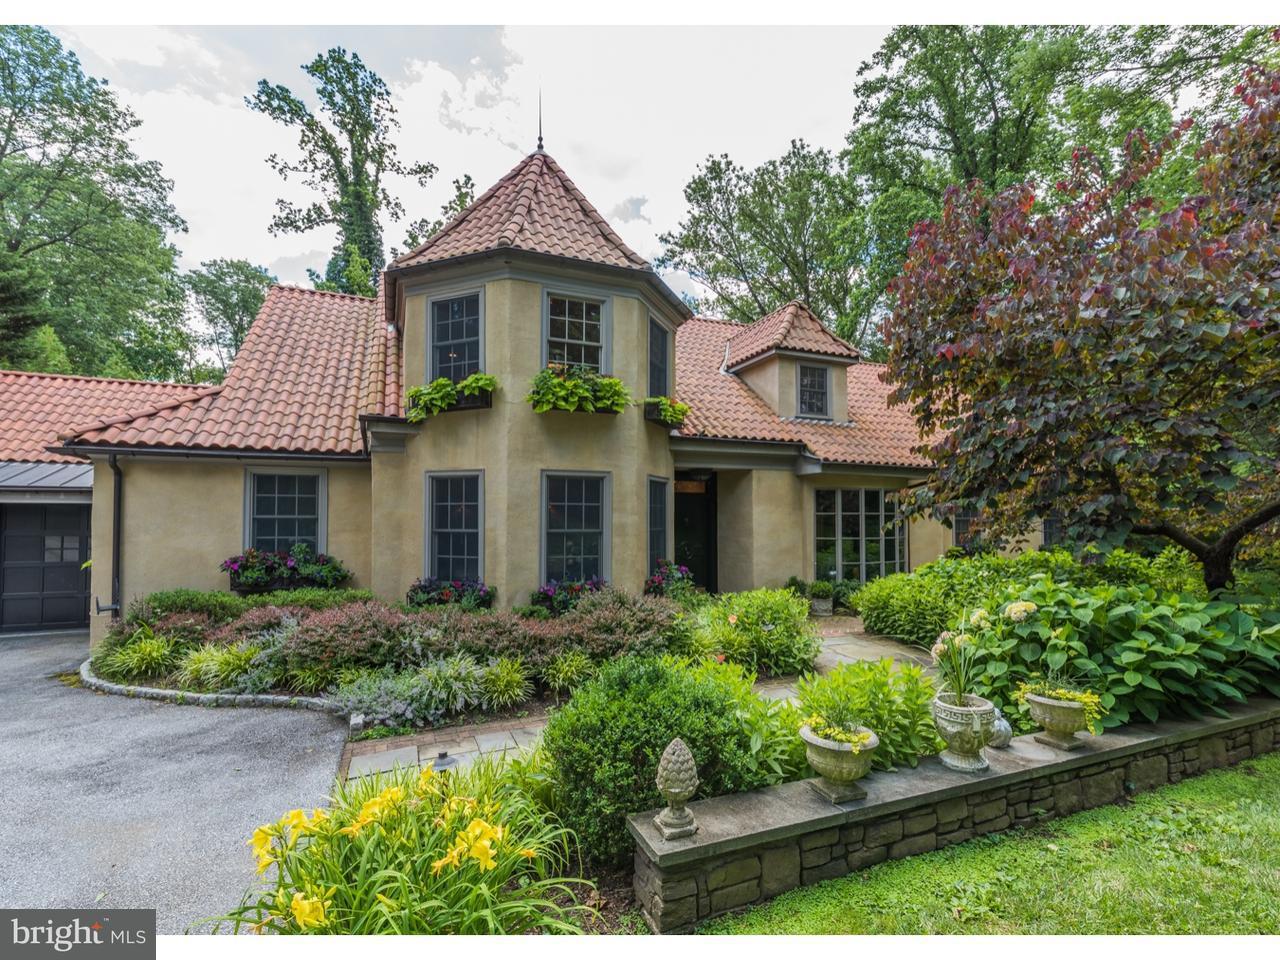 独户住宅 为 销售 在 1230 RIDGEWOOD Road 布林莫尔, 宾夕法尼亚州 19010 美国